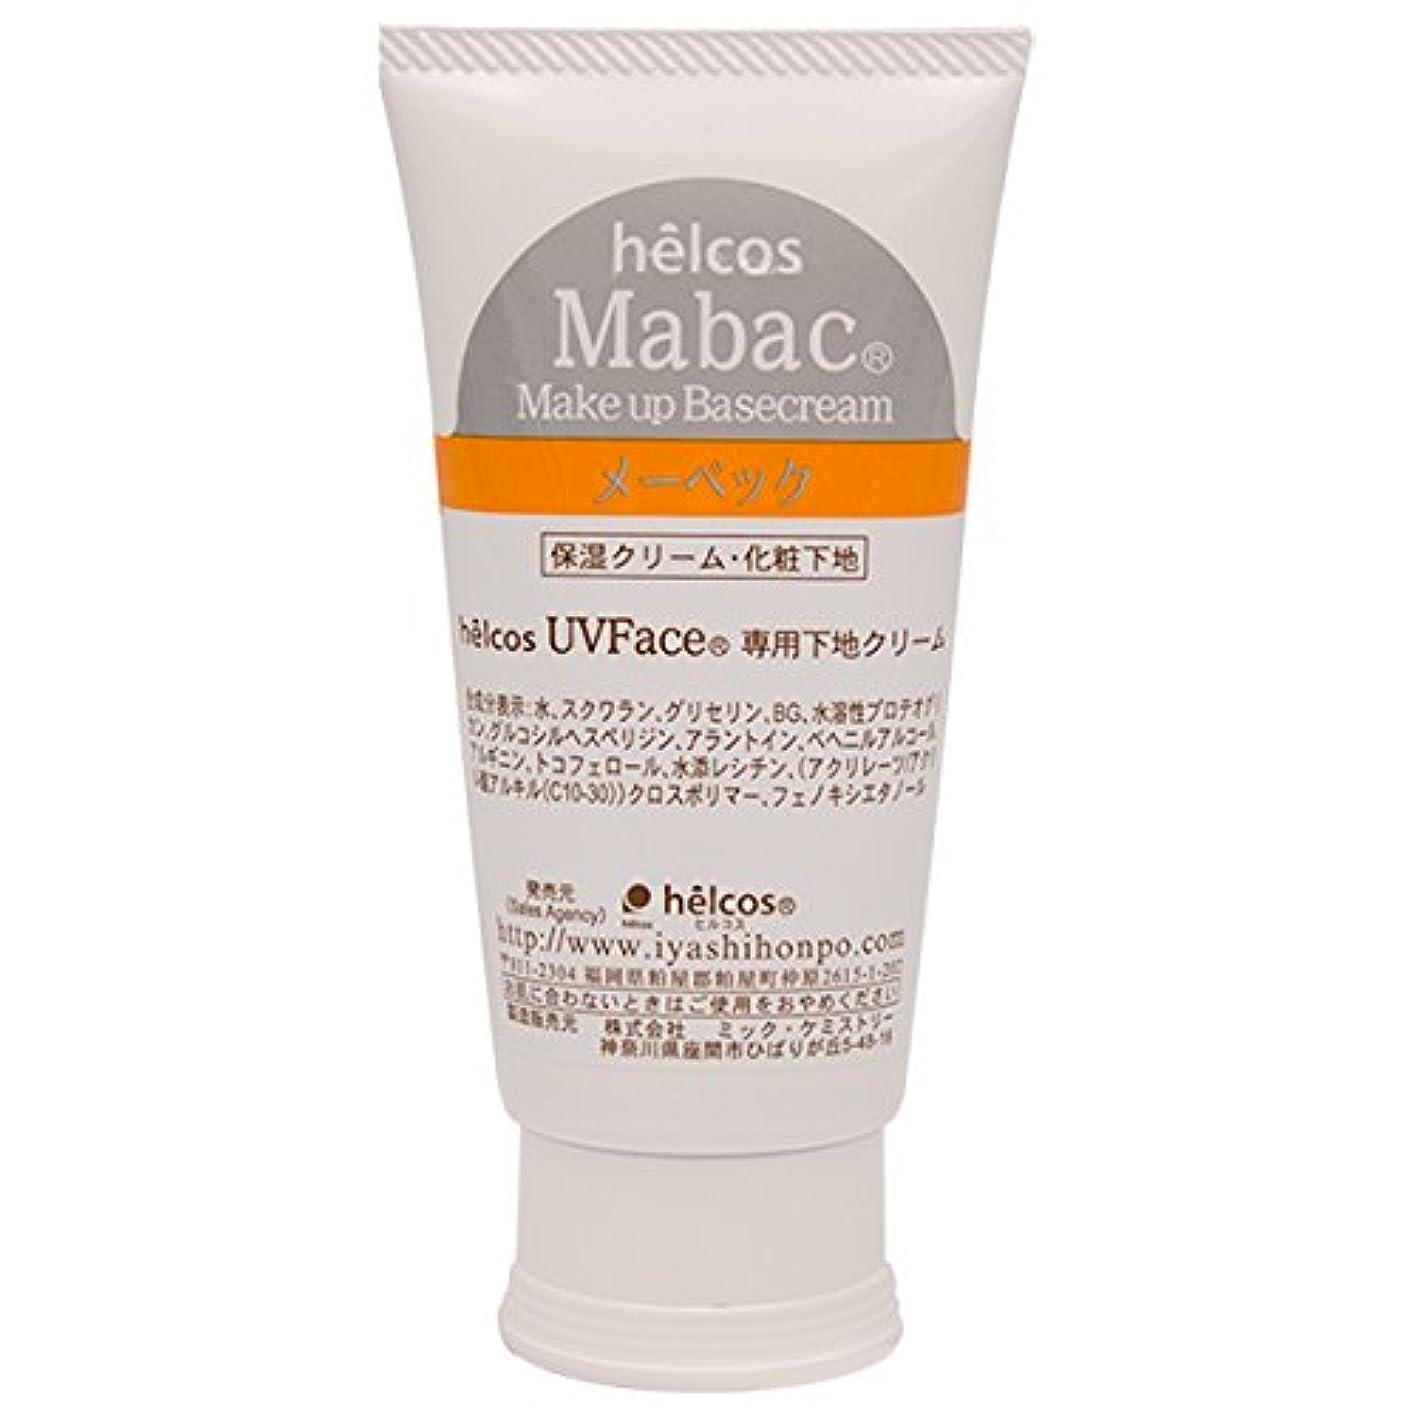 促進する区別抗生物質化粧下地 保湿クリーム 新メーベック 90g ヒルコス